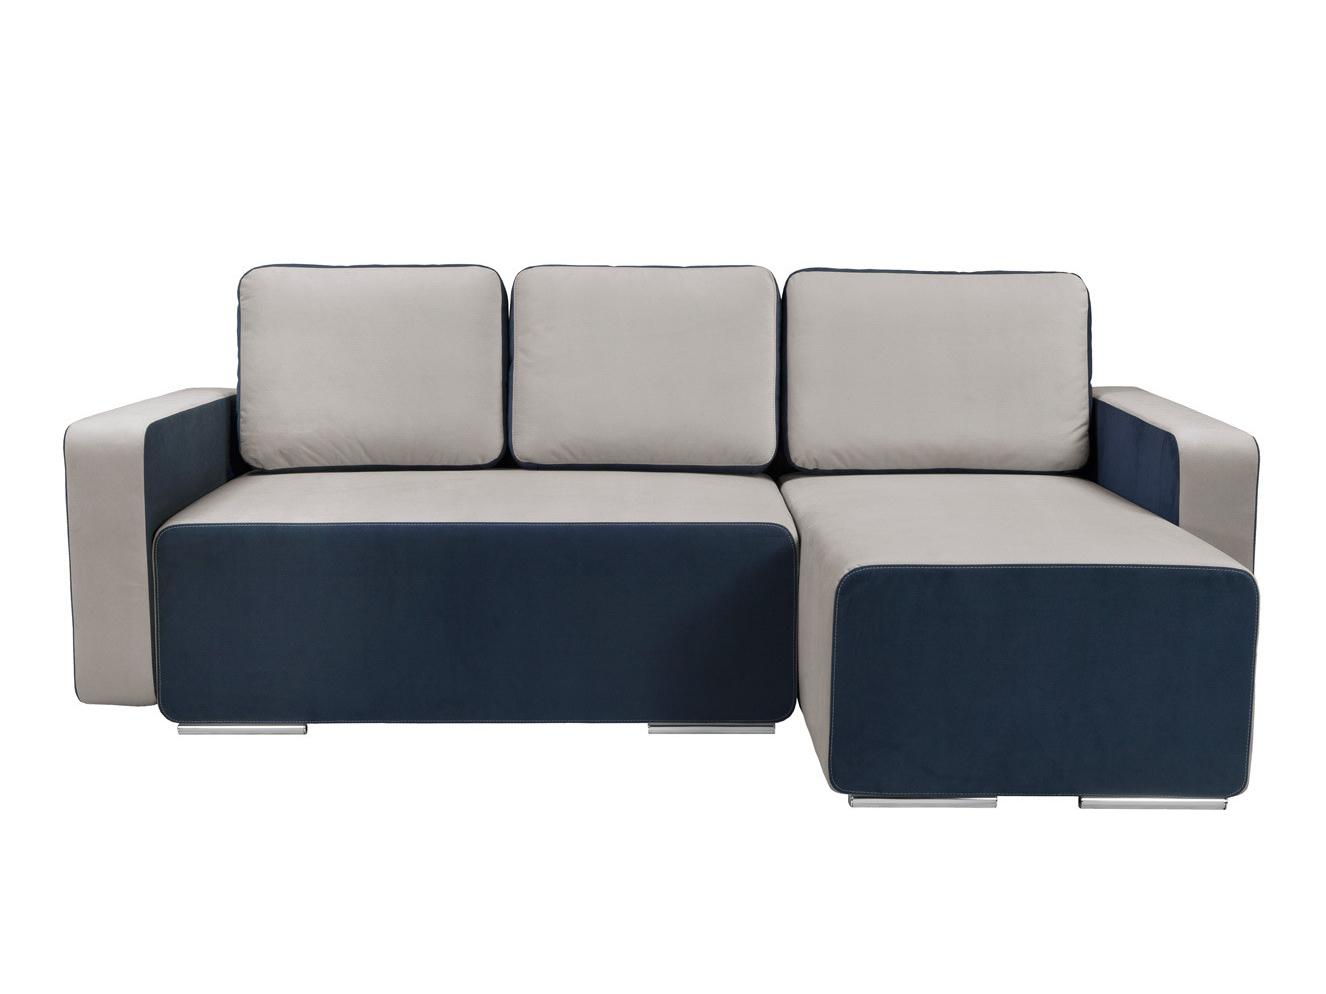 Rohová sedací souprava - BRW - Possi Lux 3DL.URC LED modrá/šedá (L) (s osvětlením)